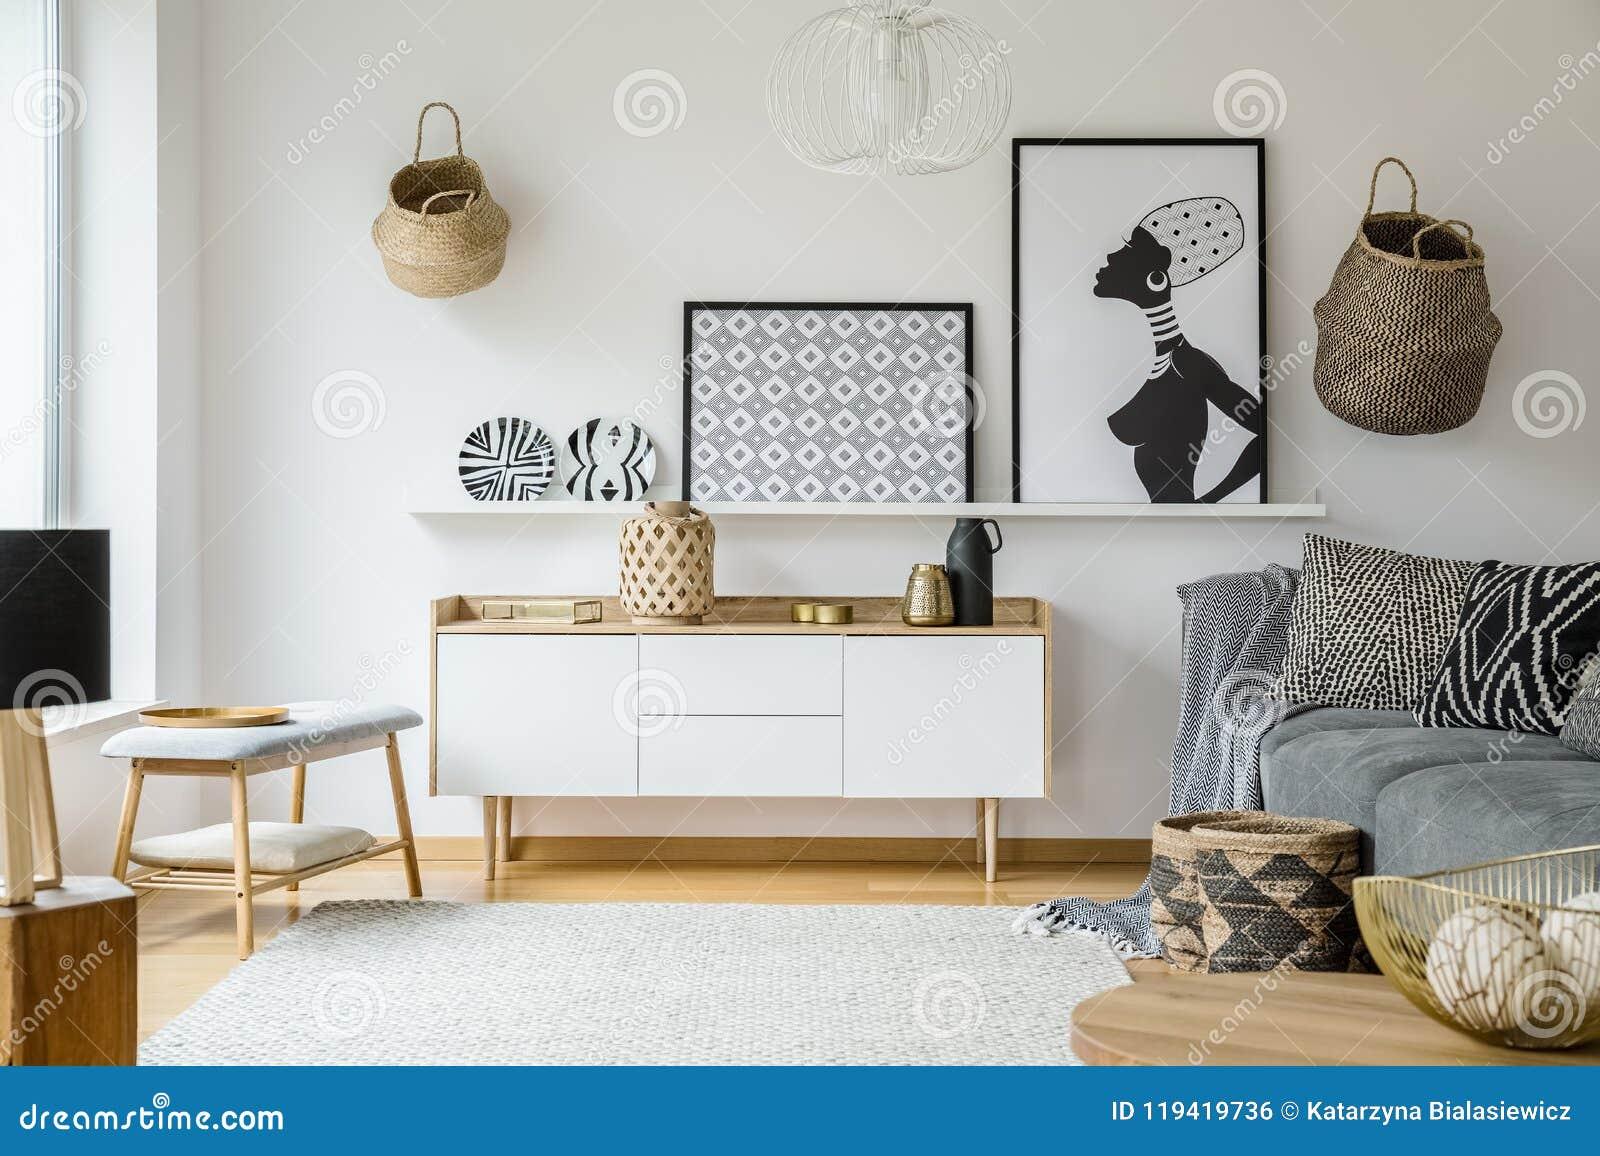 Affiches en platen boven houten kast in bohowoonkamer int.